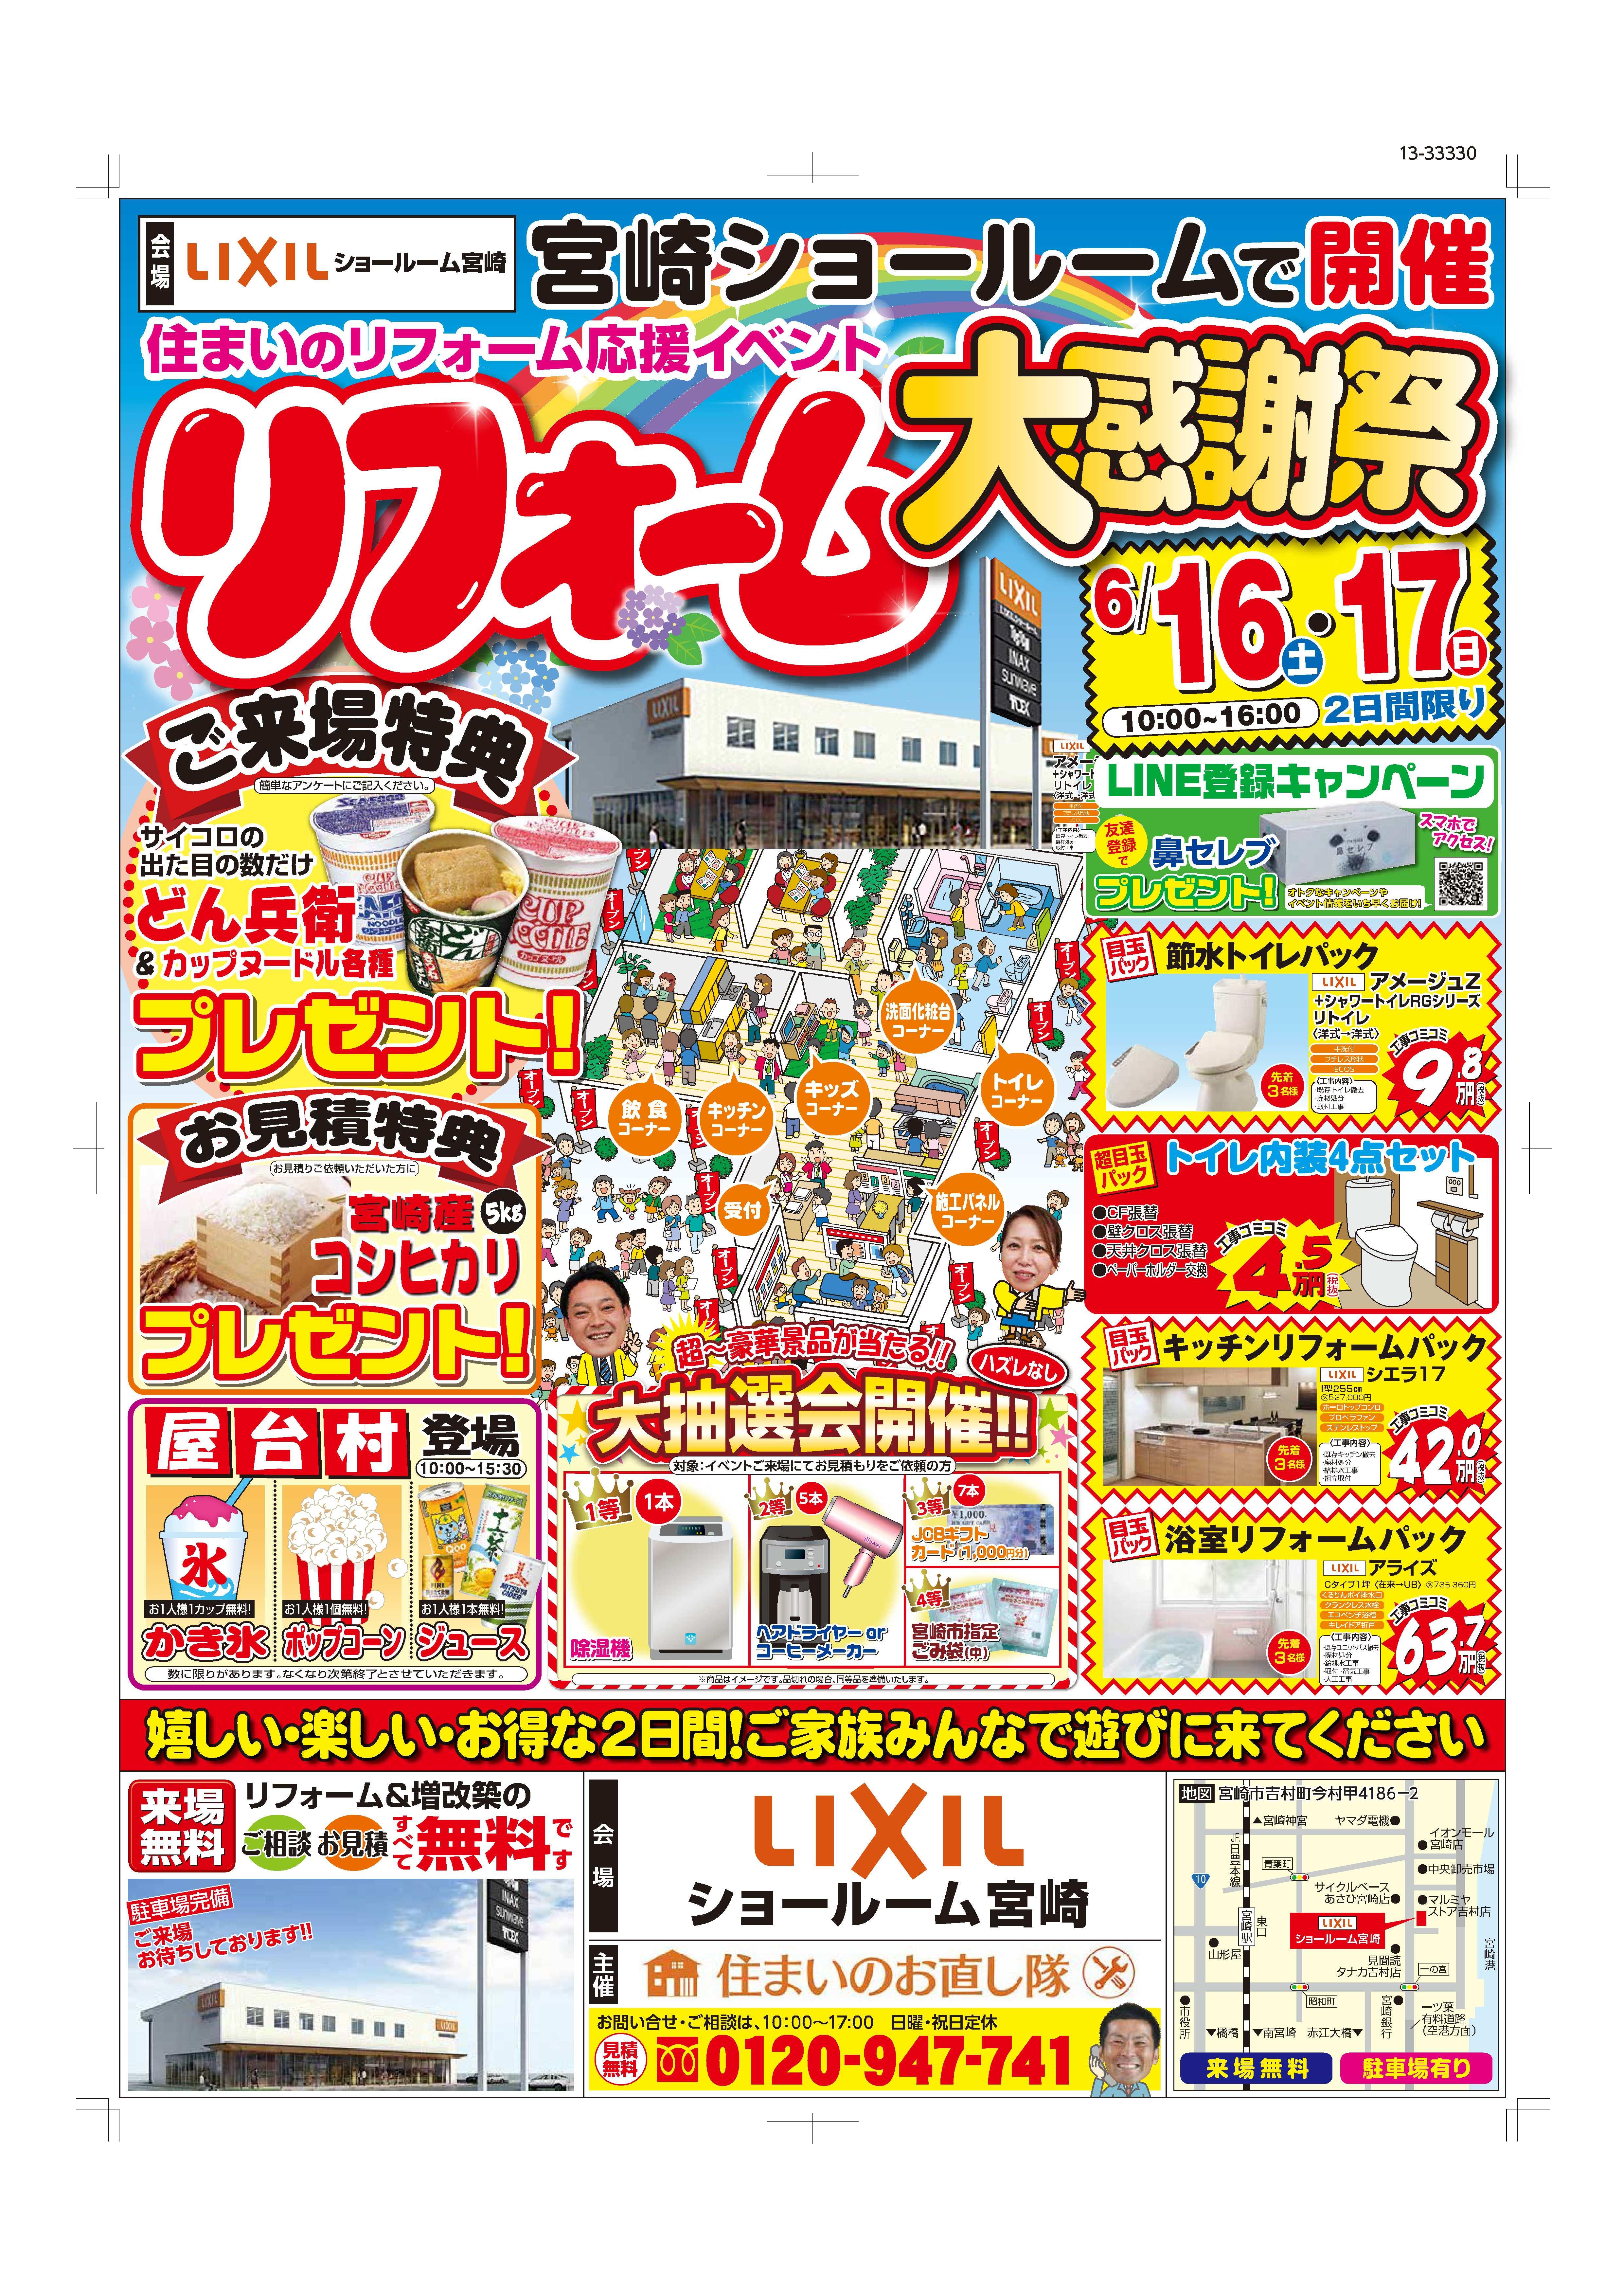 2018年リフォーム大感謝祭 in LIXILショールーム宮崎 6月16日・17日